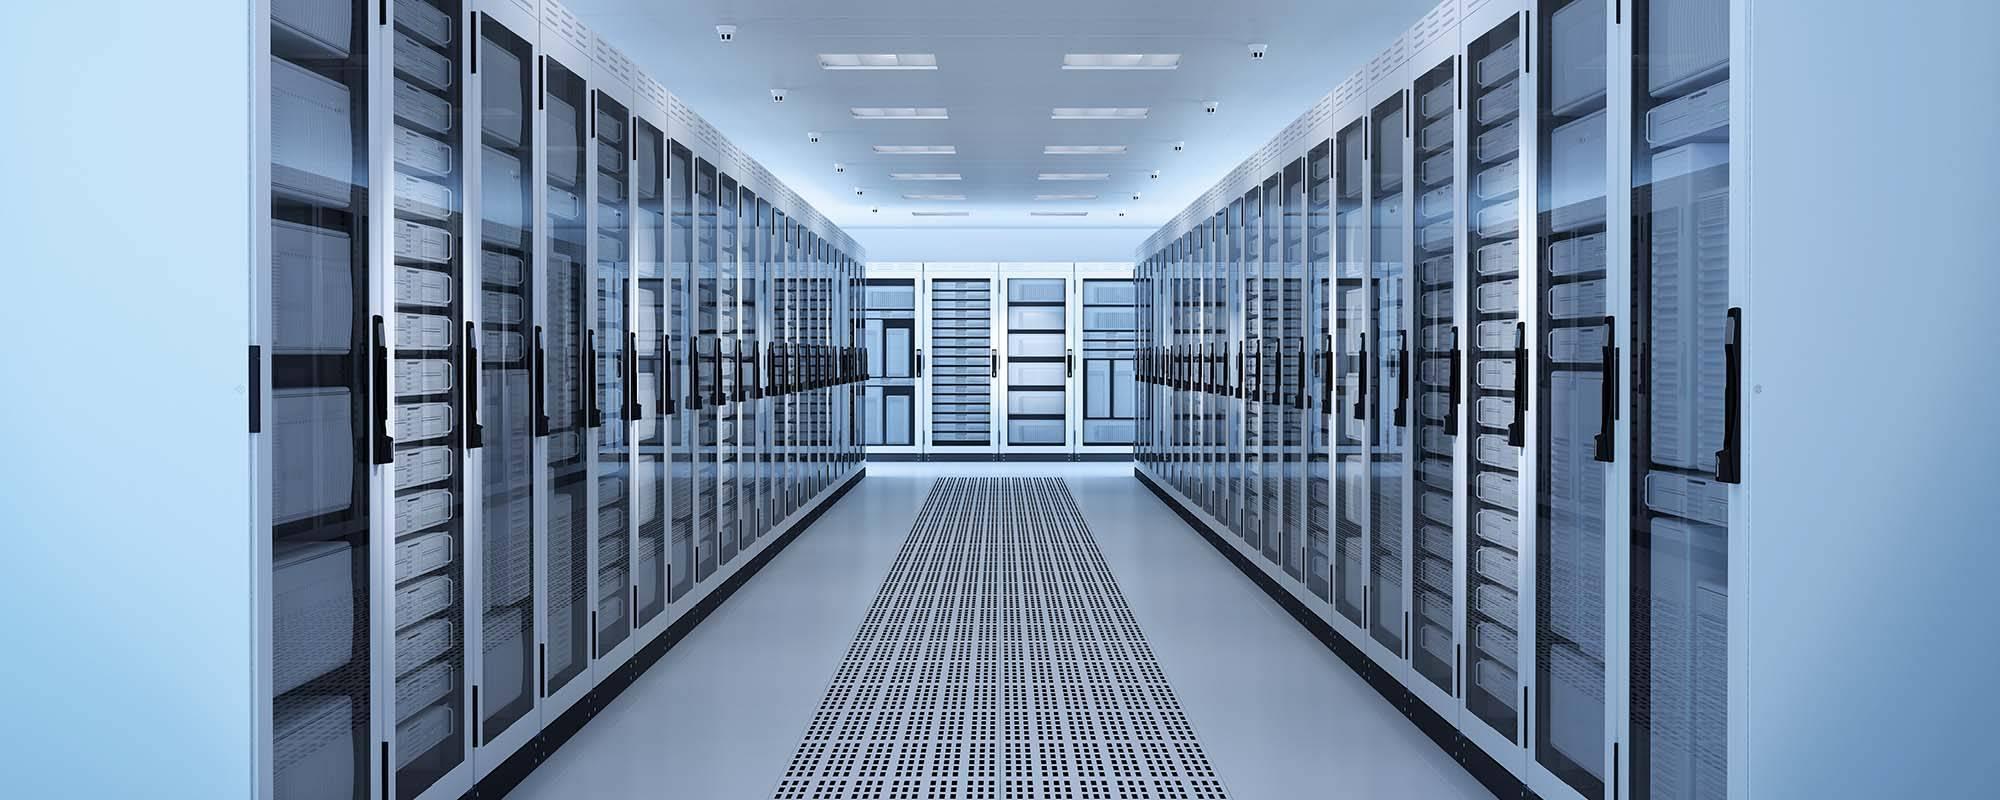 Iron Mountain va pouvoir utiliser les systèmes de stockage de Recall Holdings (illustration Flickr / Christopher Bowns)